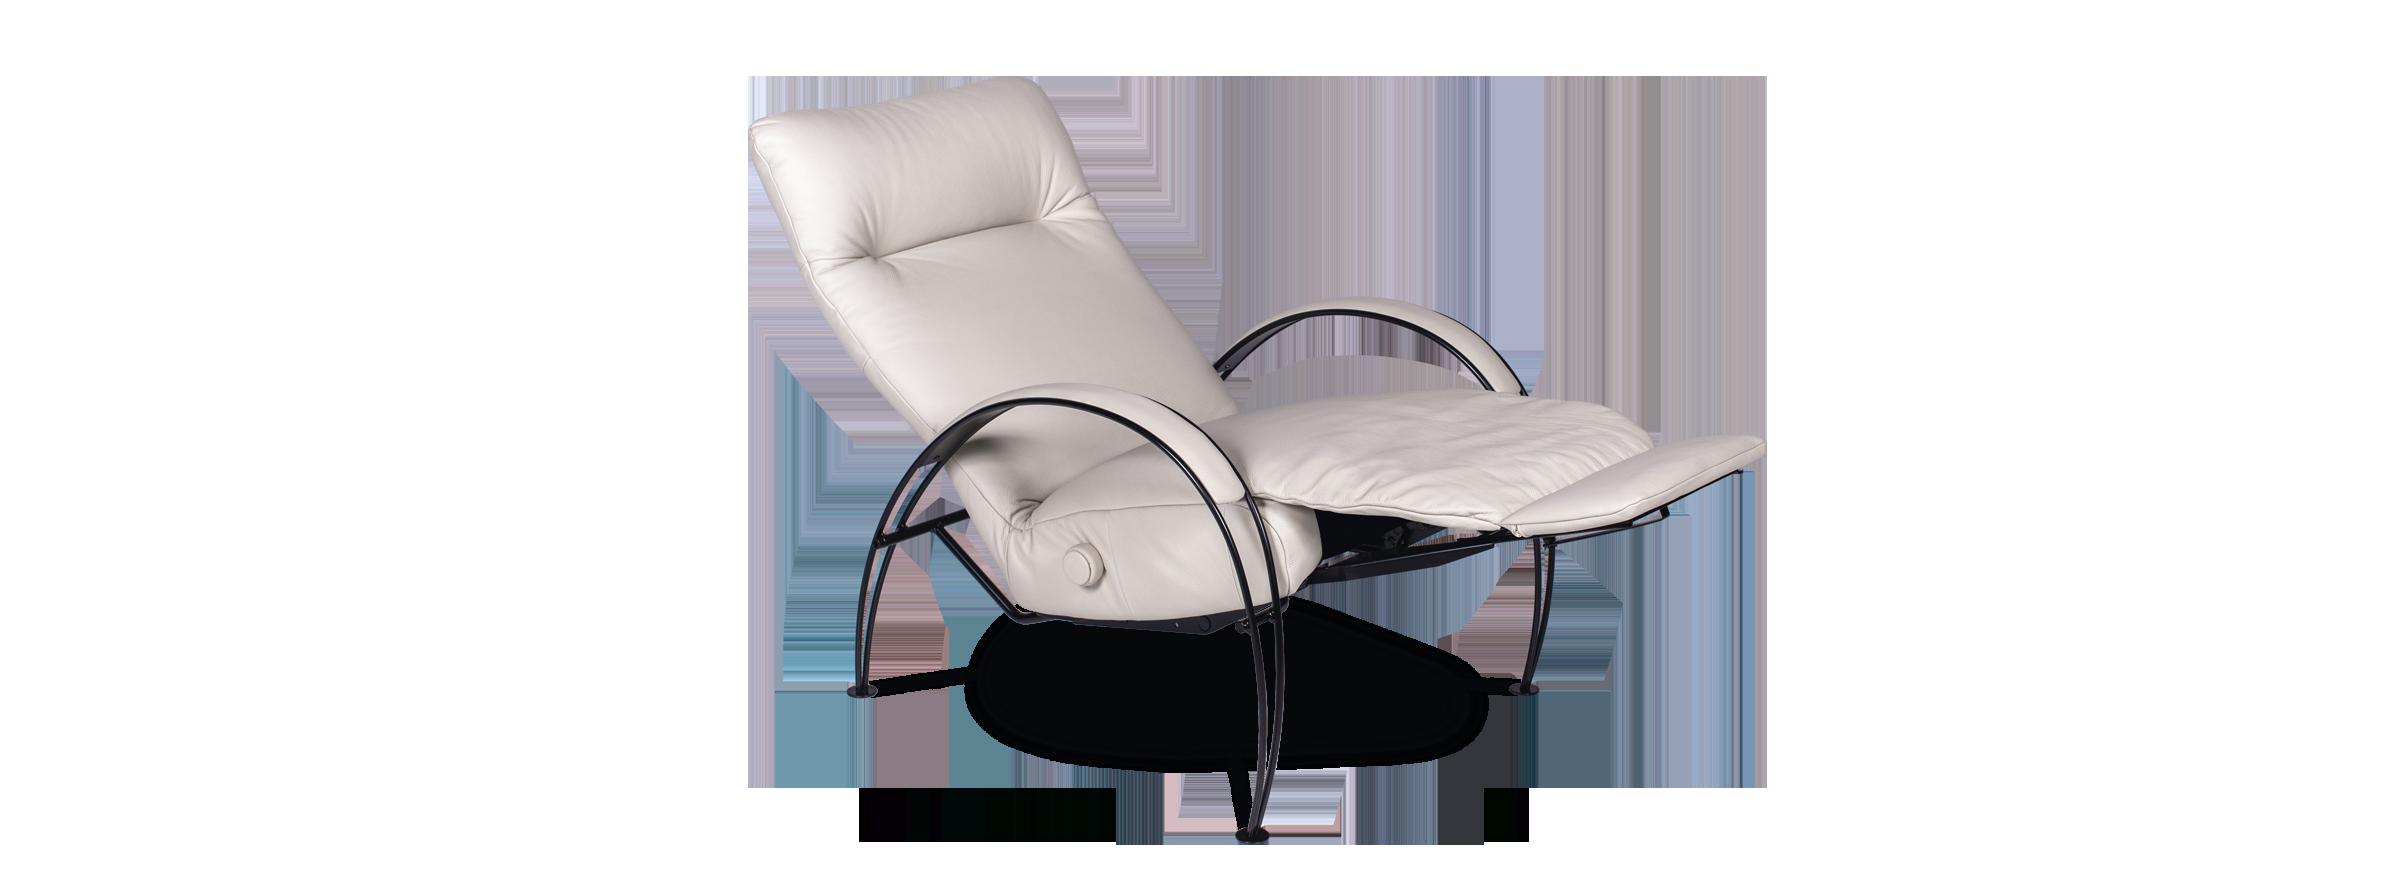 Neology-Cobalt- relax-cuir-fabrication-française